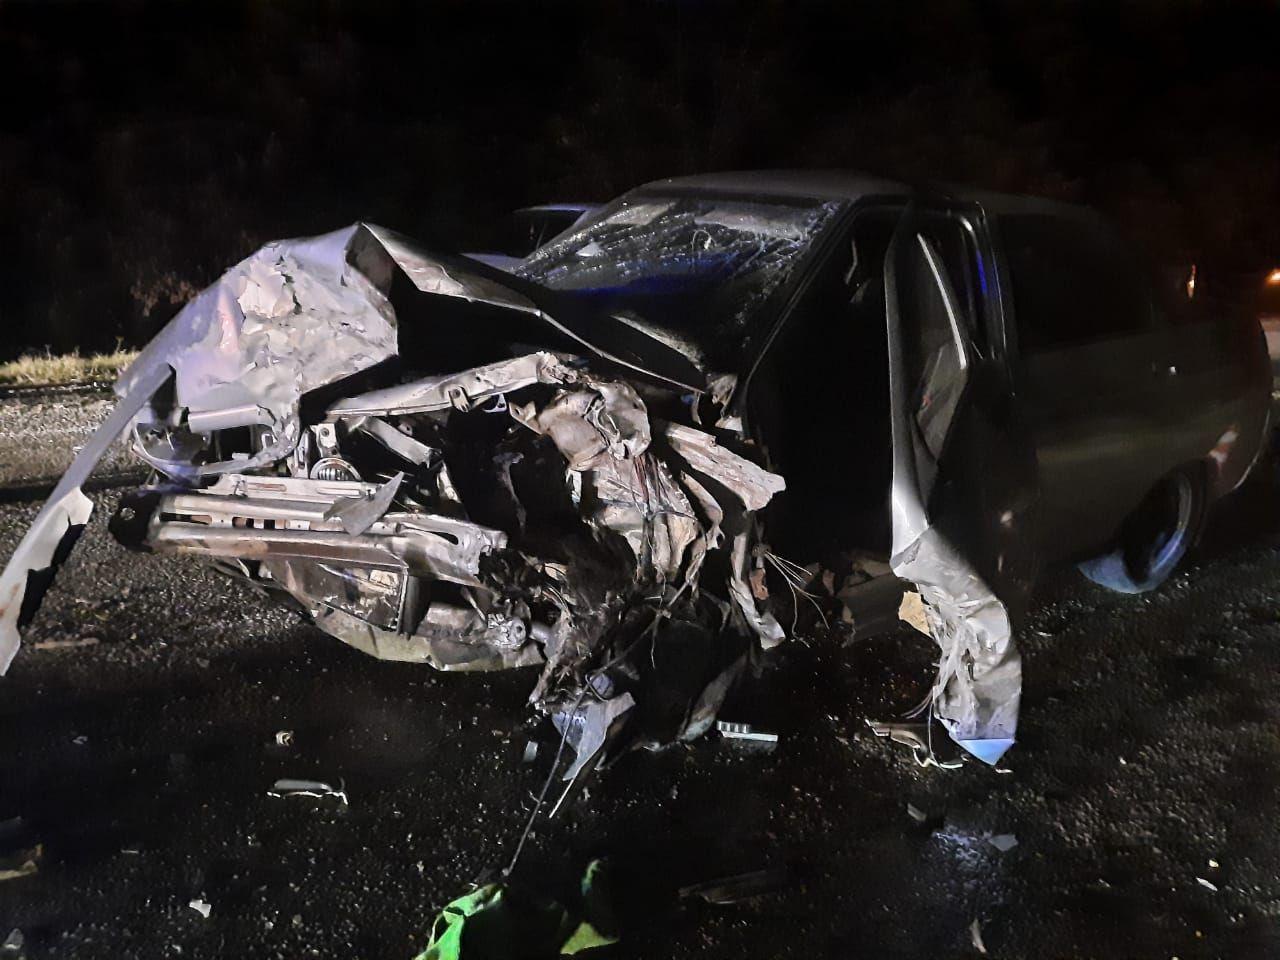 В ДТП с фурой на трассе Ставрополья пострадали шесть человек, в том числе трое детей